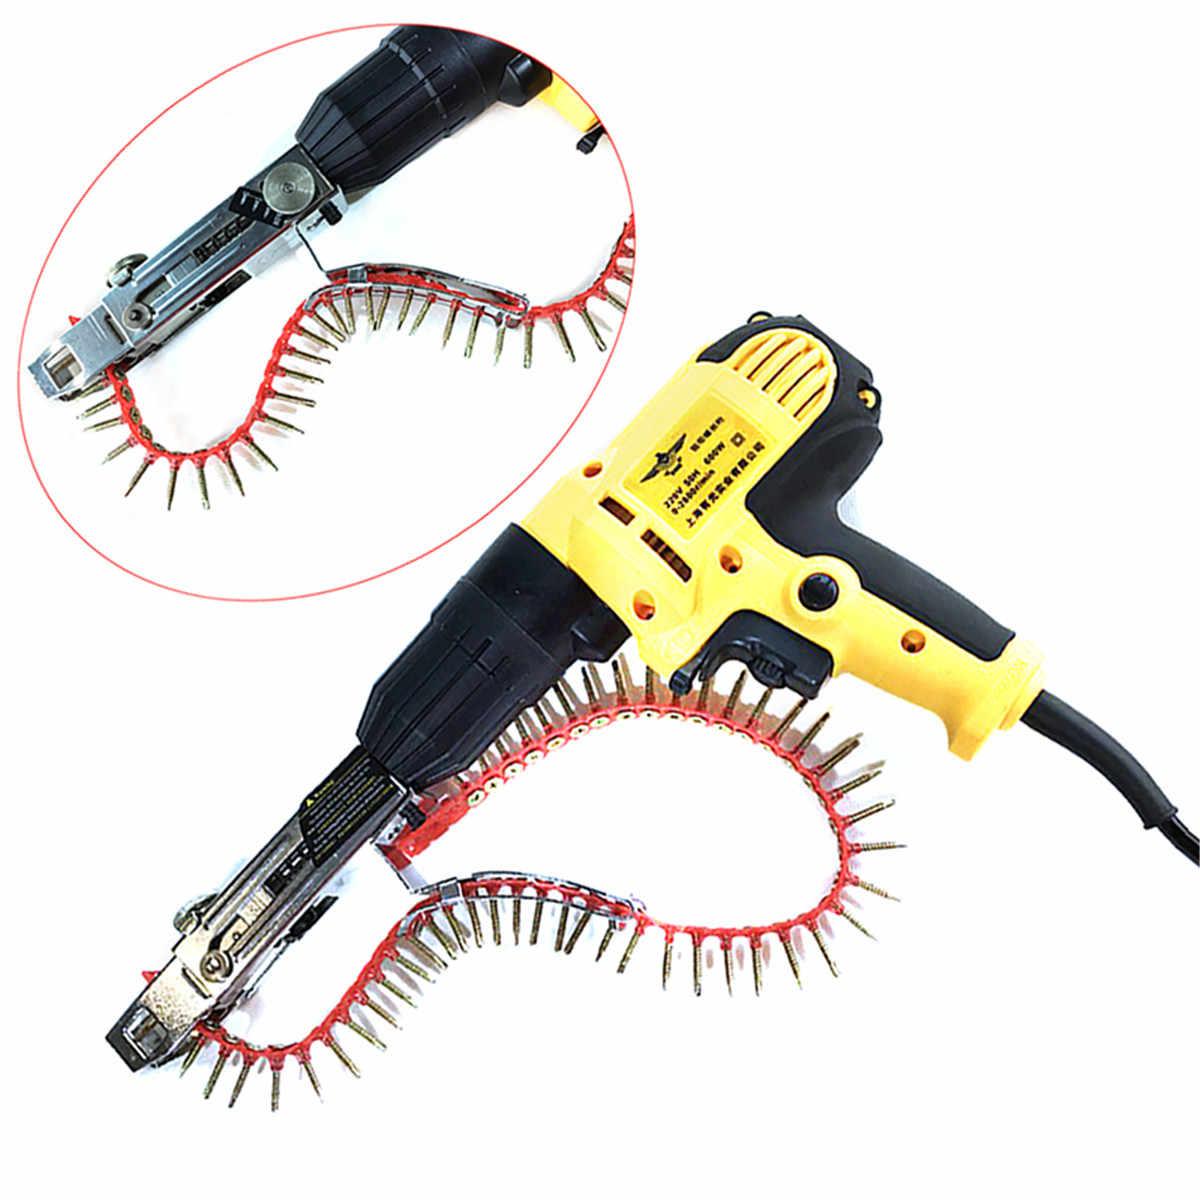 Drillpro Automatische Keten Nail Gun Adapter Schroef Pistool voor Elektrische Boor Houtbewerking Tool Cordless Power Boor Attachment